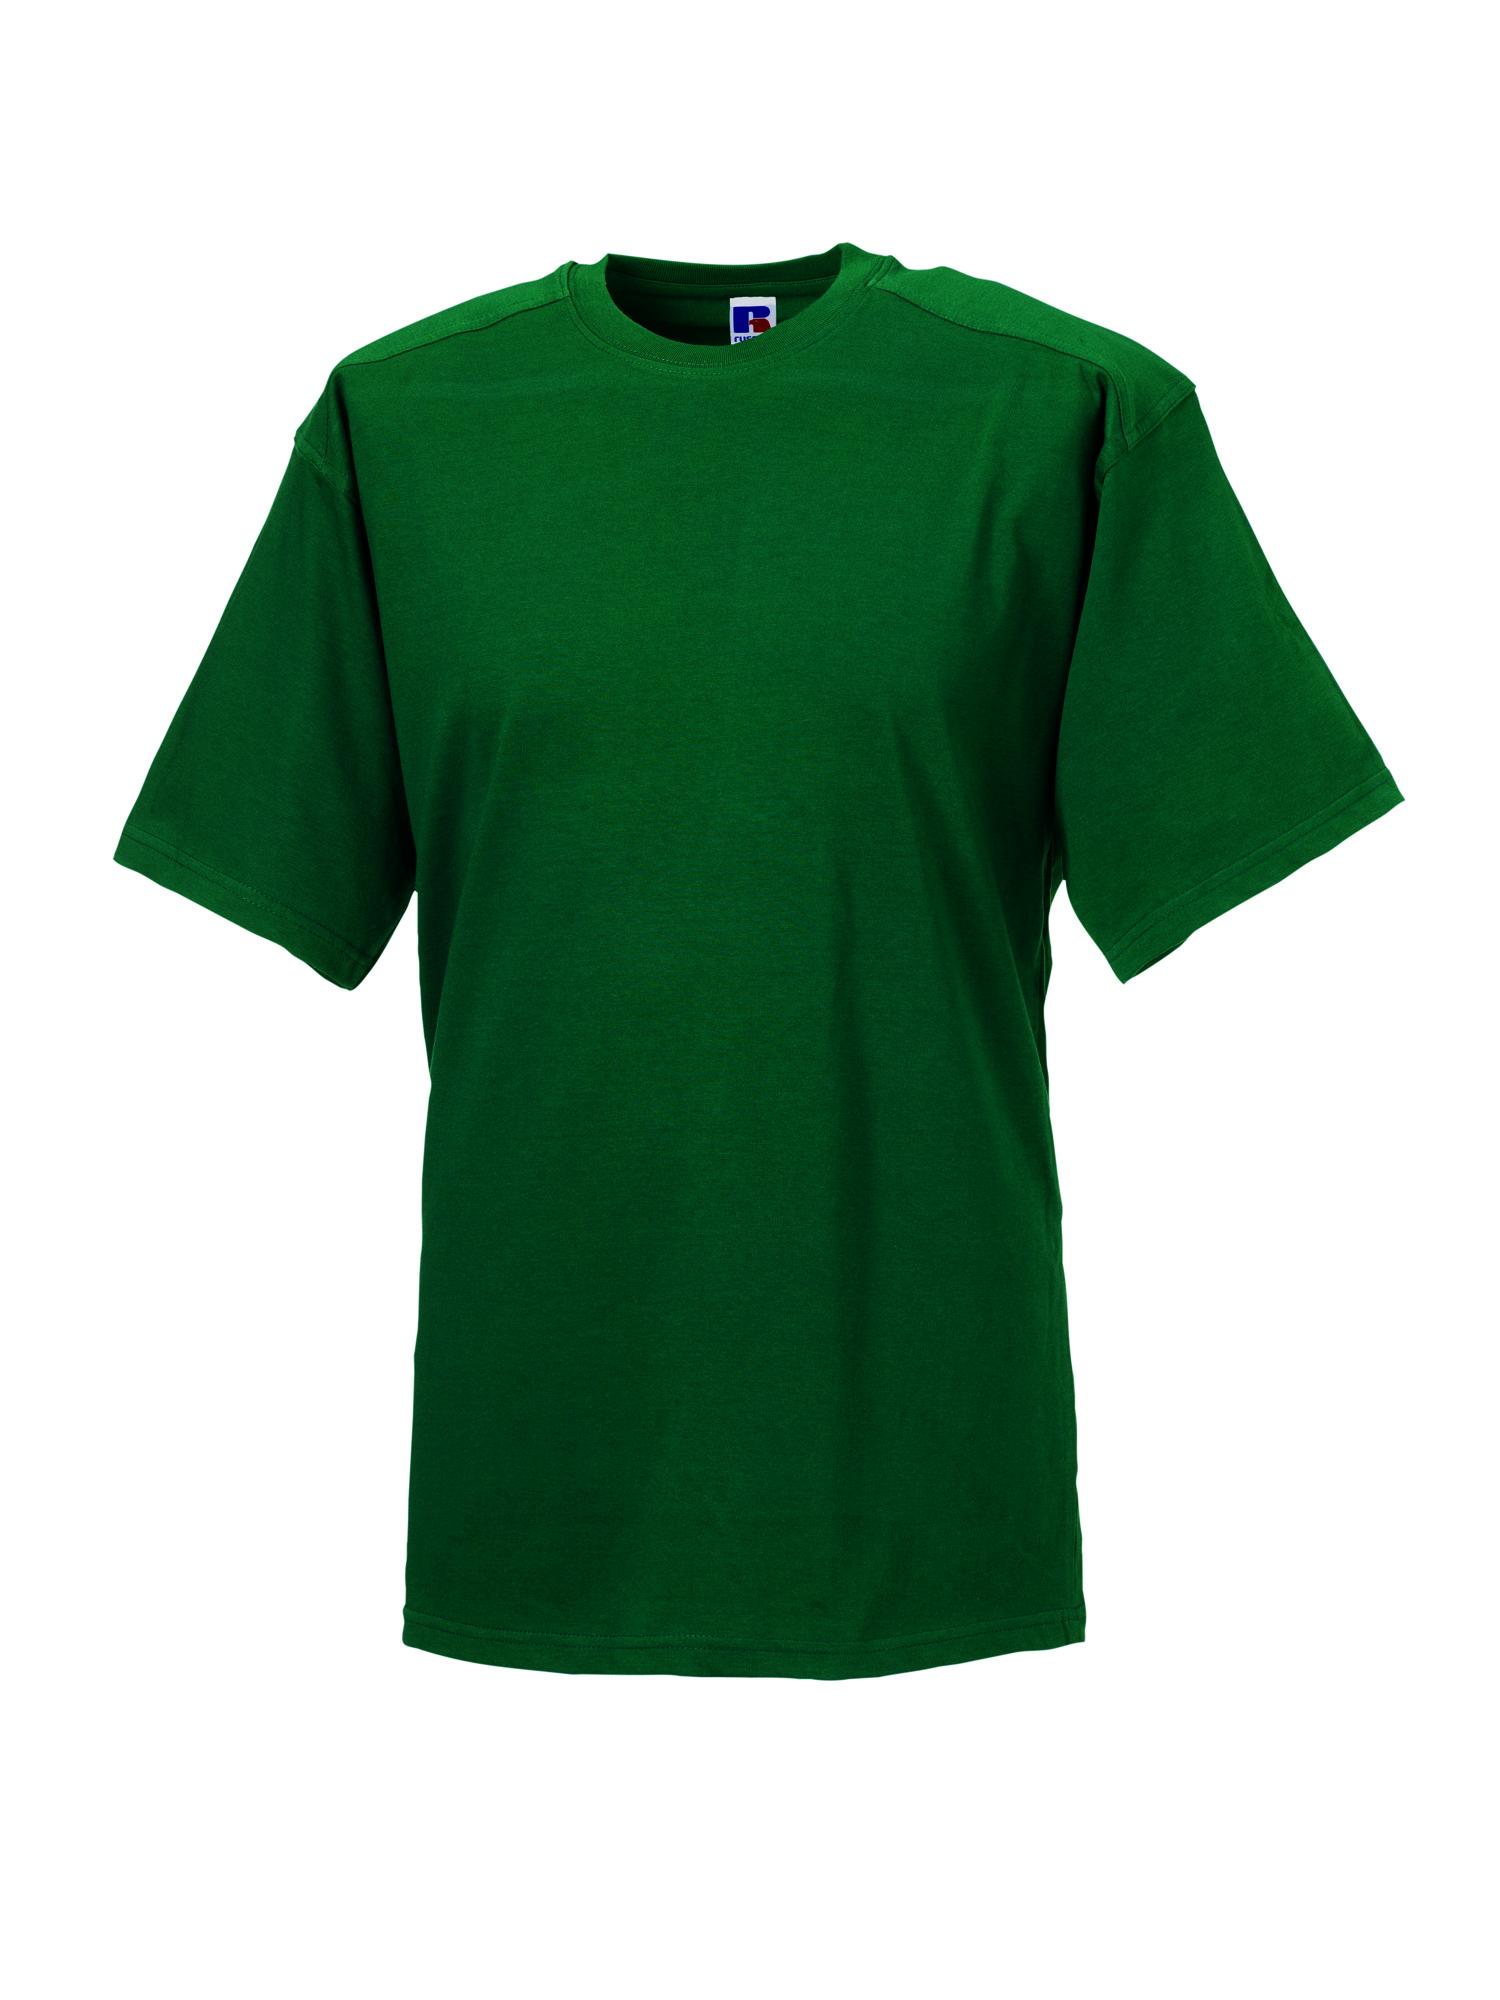 Heavy Duty T-Shirt - Bottle Green - 4XL